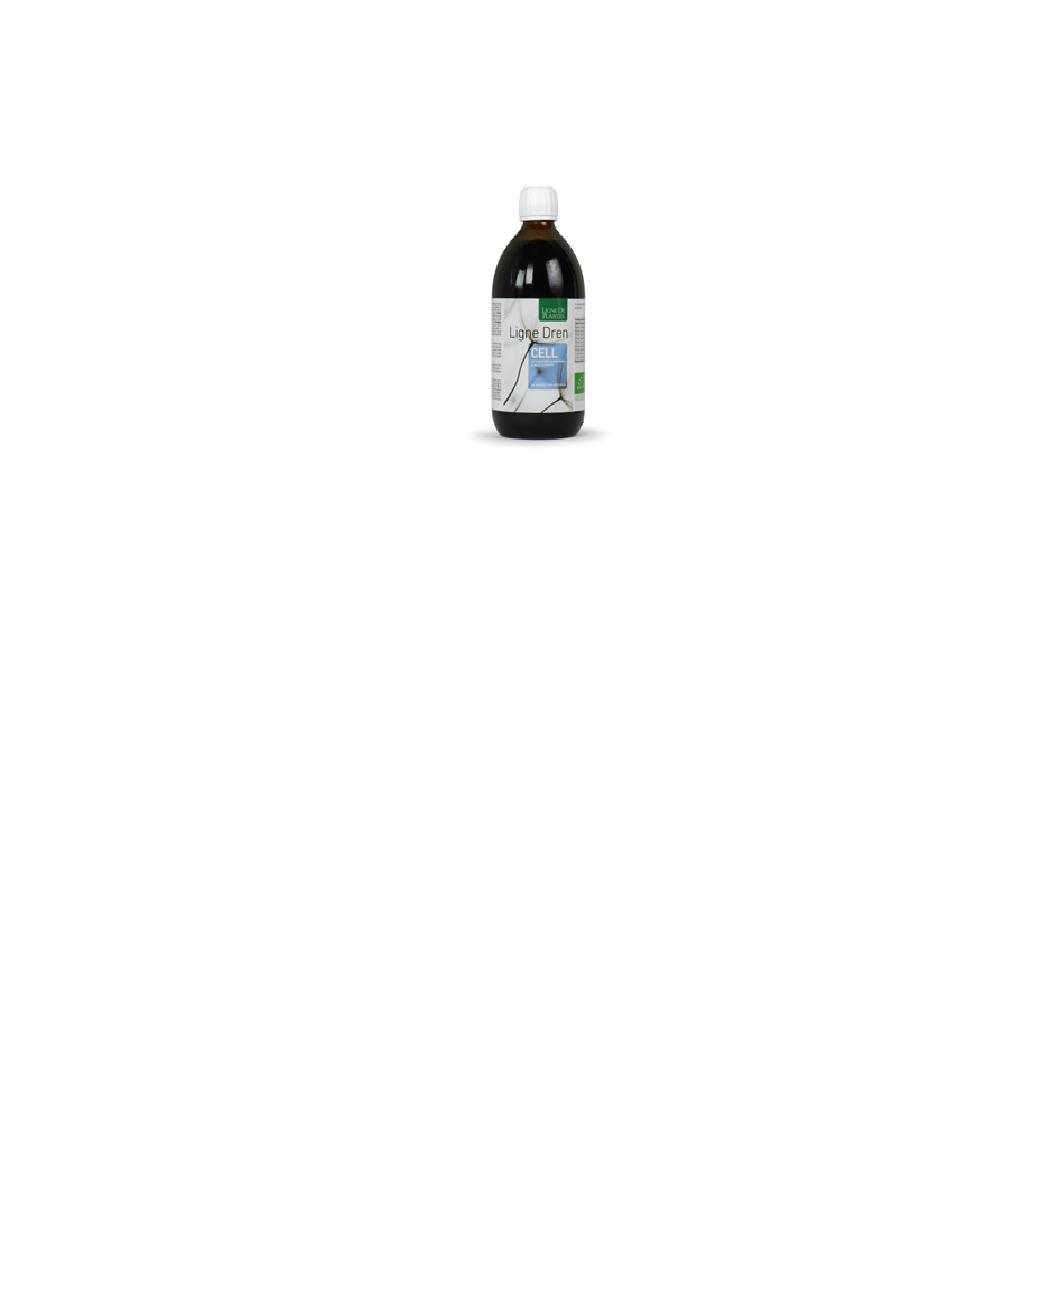 Ligne Dren Cell - Drenaggio liquidi corporei